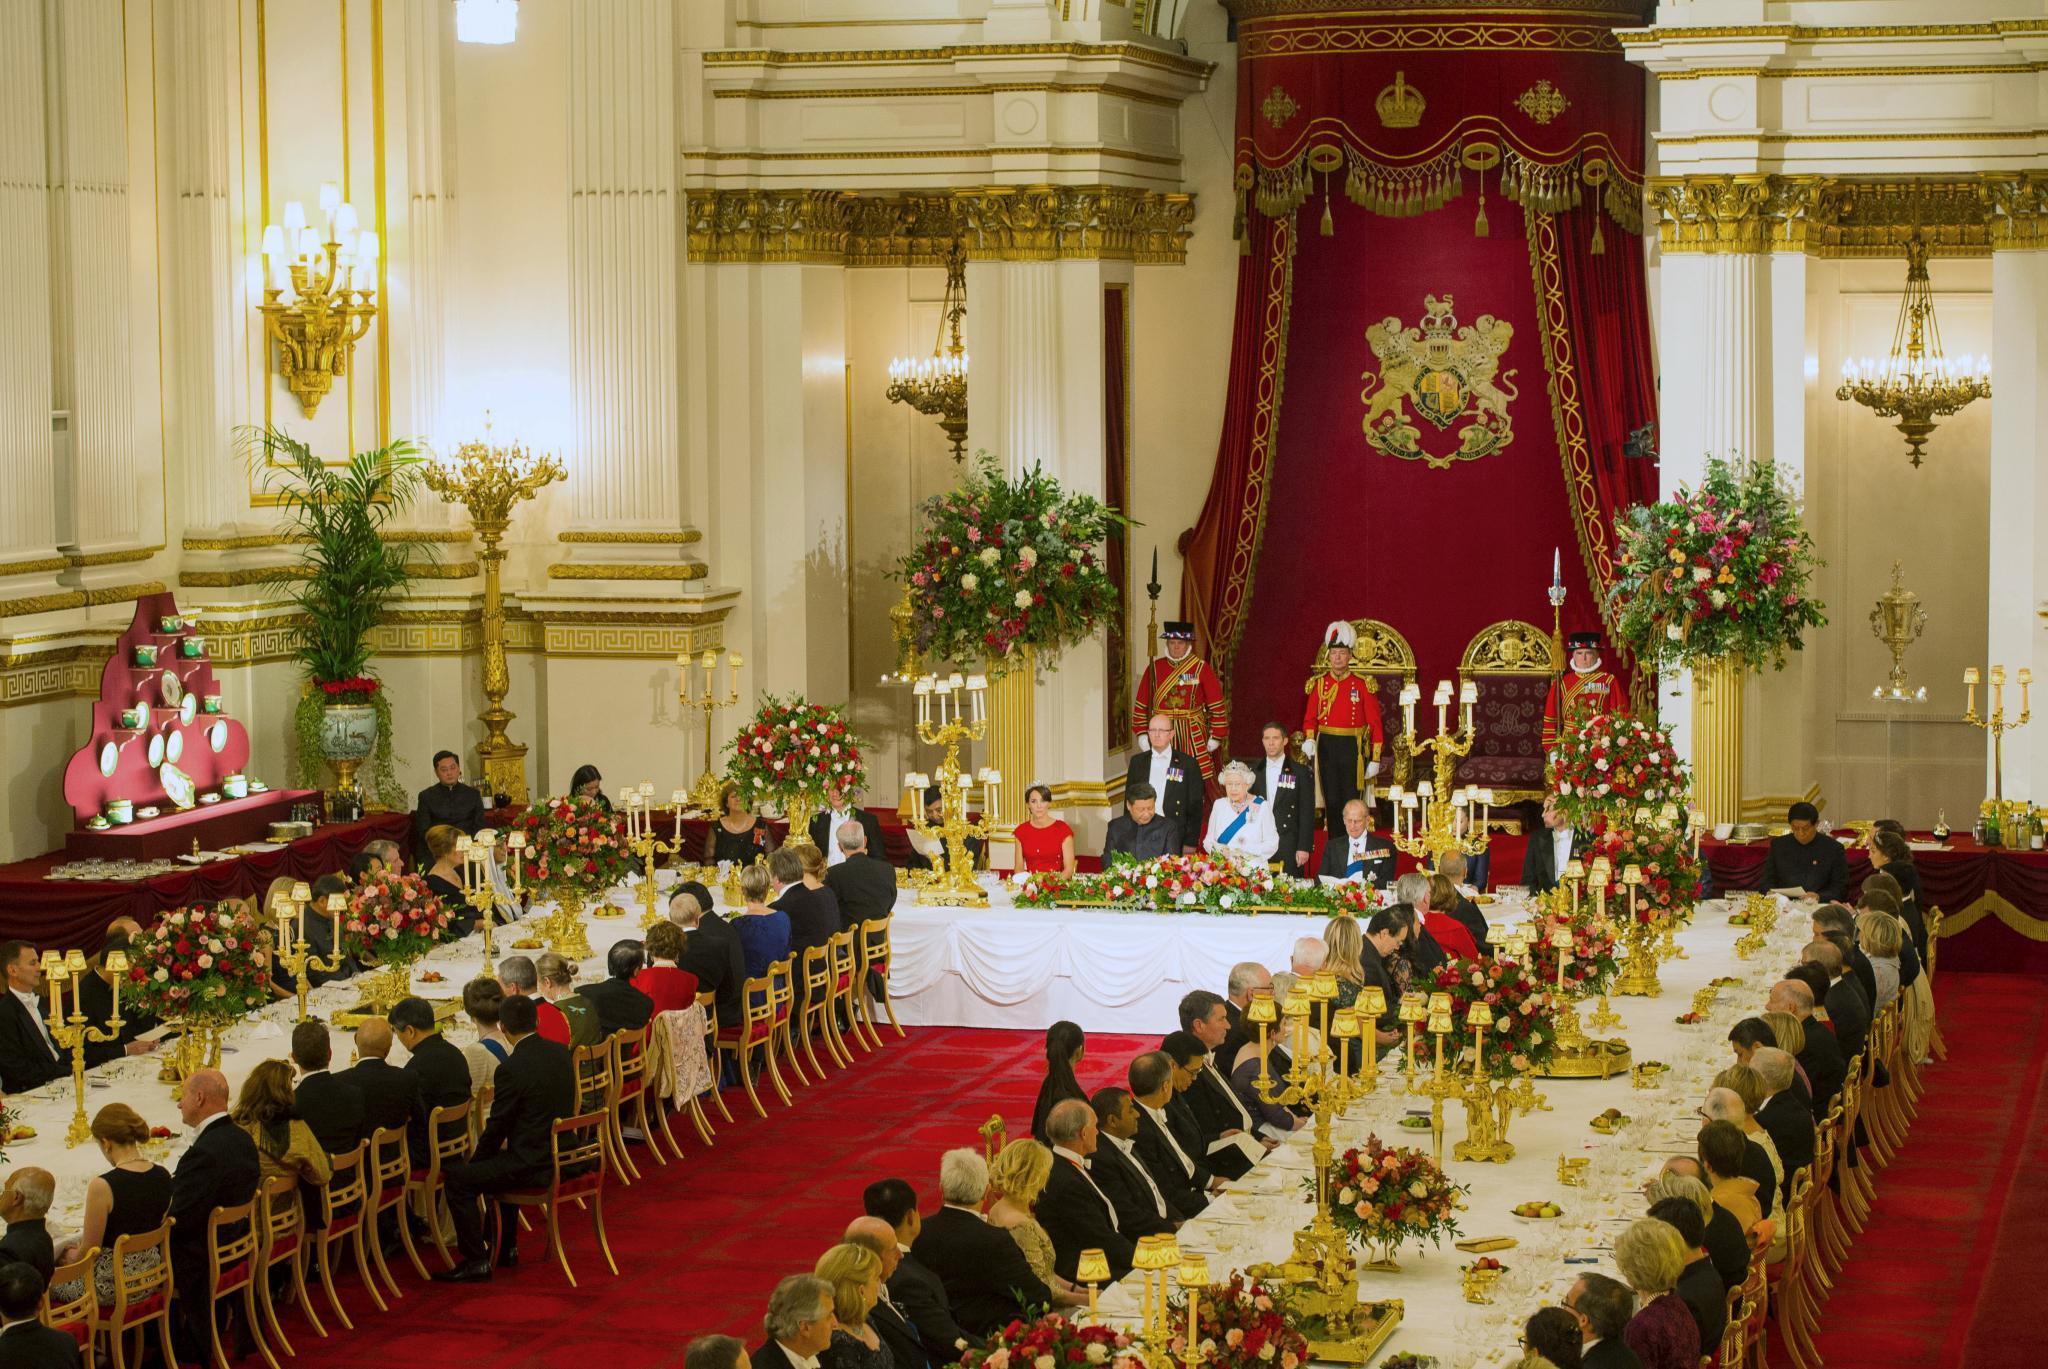 """Der Ballsaal von """"Buckingham Palace"""" ist prächtig hergerichtet, um die rund 170 Gäste mit royalem Pomp zu empfangen."""